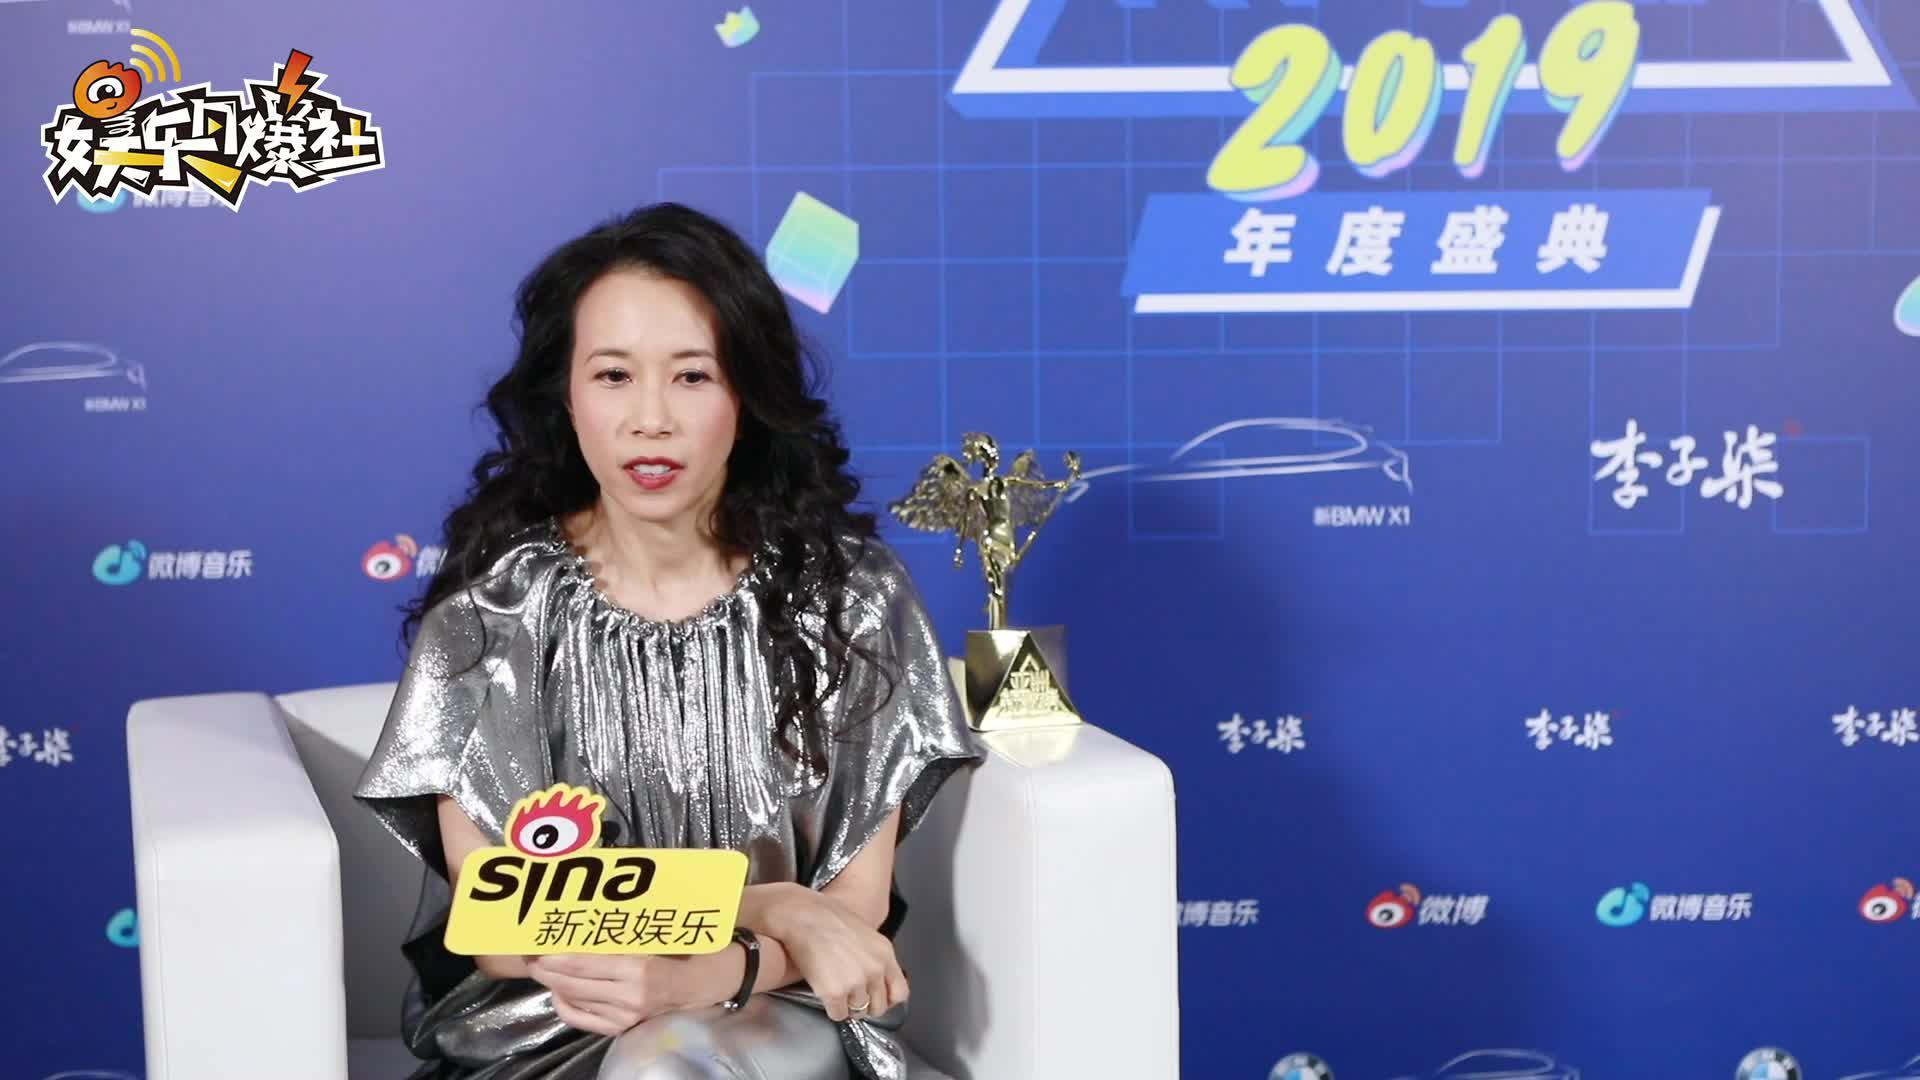 2019亚洲新歌榜独家对话莫文蔚